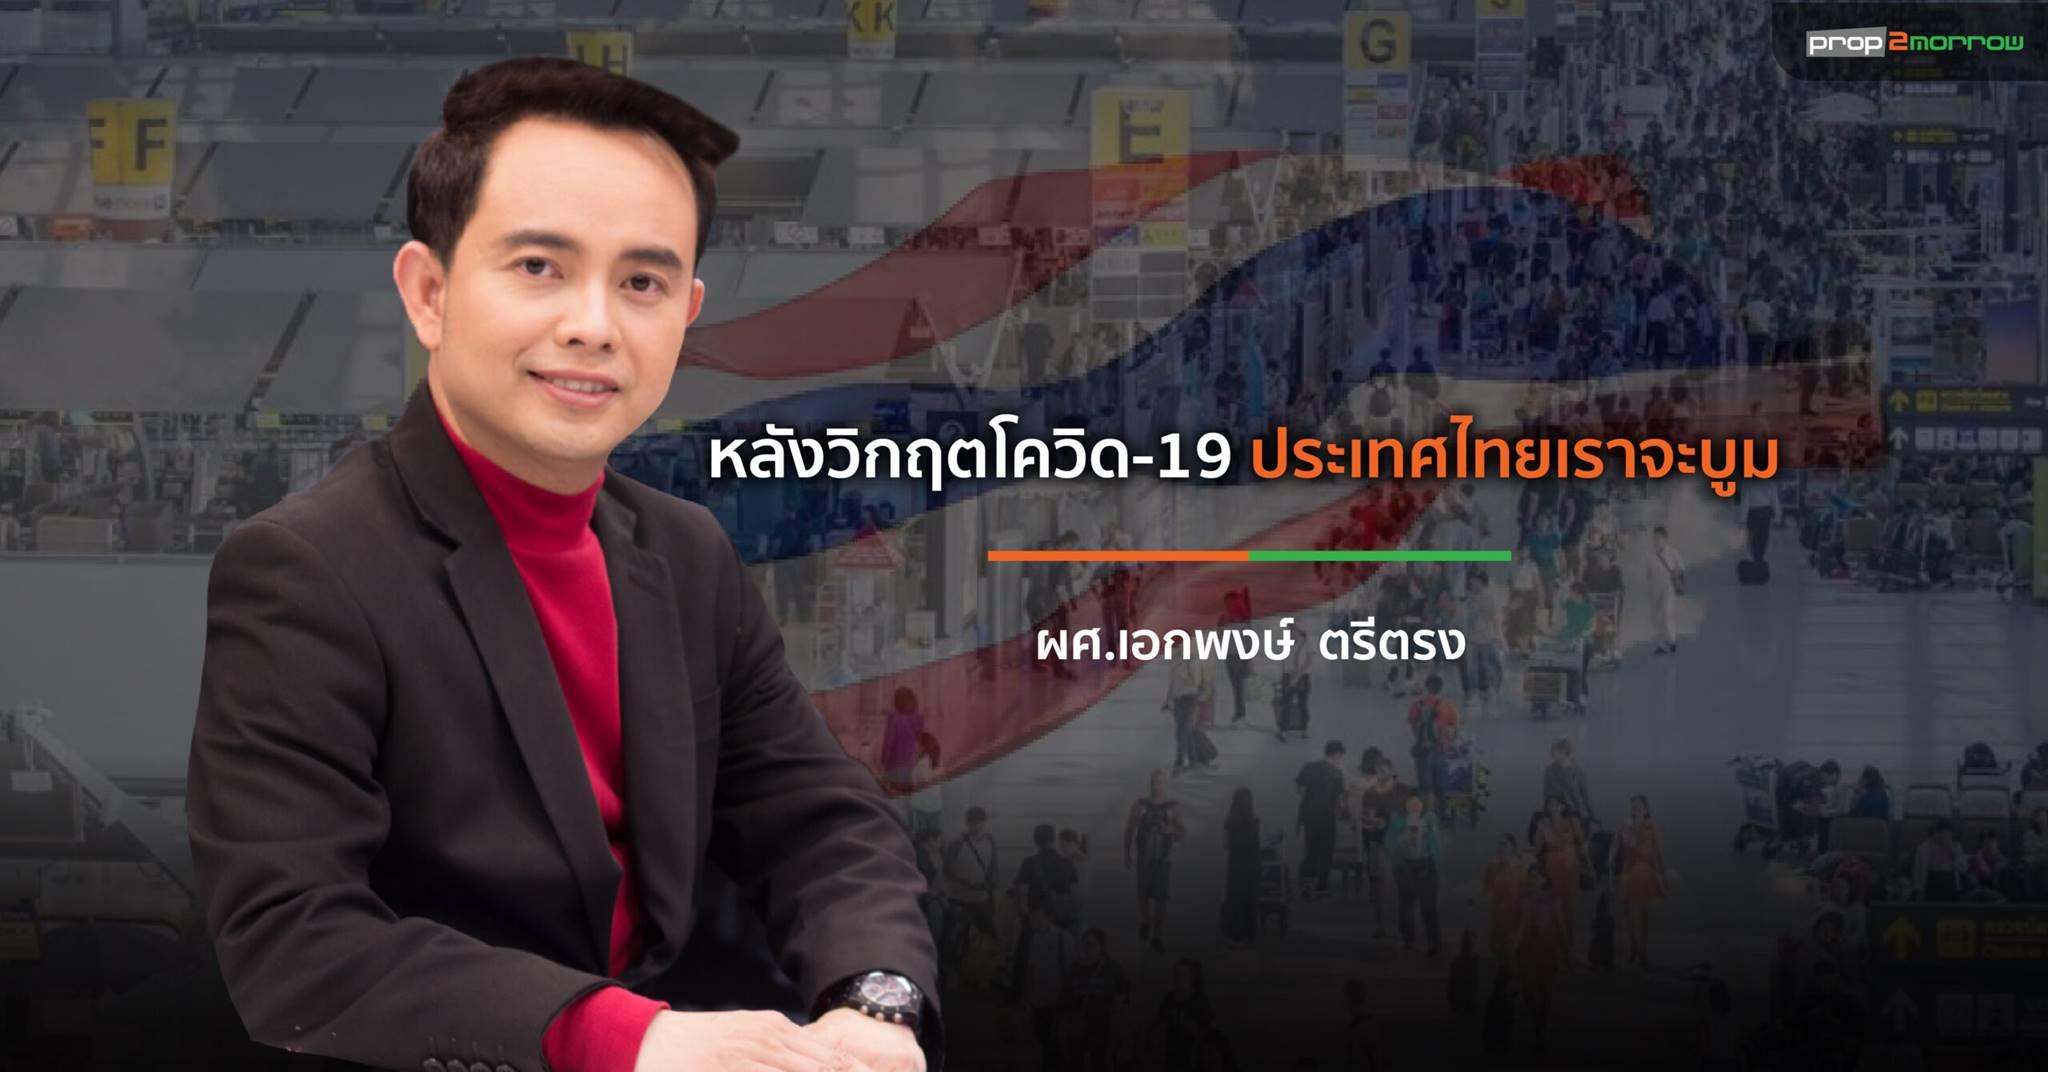 หลังวิกฤตโควิด19 ประเทศไทยเราจะบูม | Prop2Morrow บ้าน คอนโด ข่าวอสังหาฯ